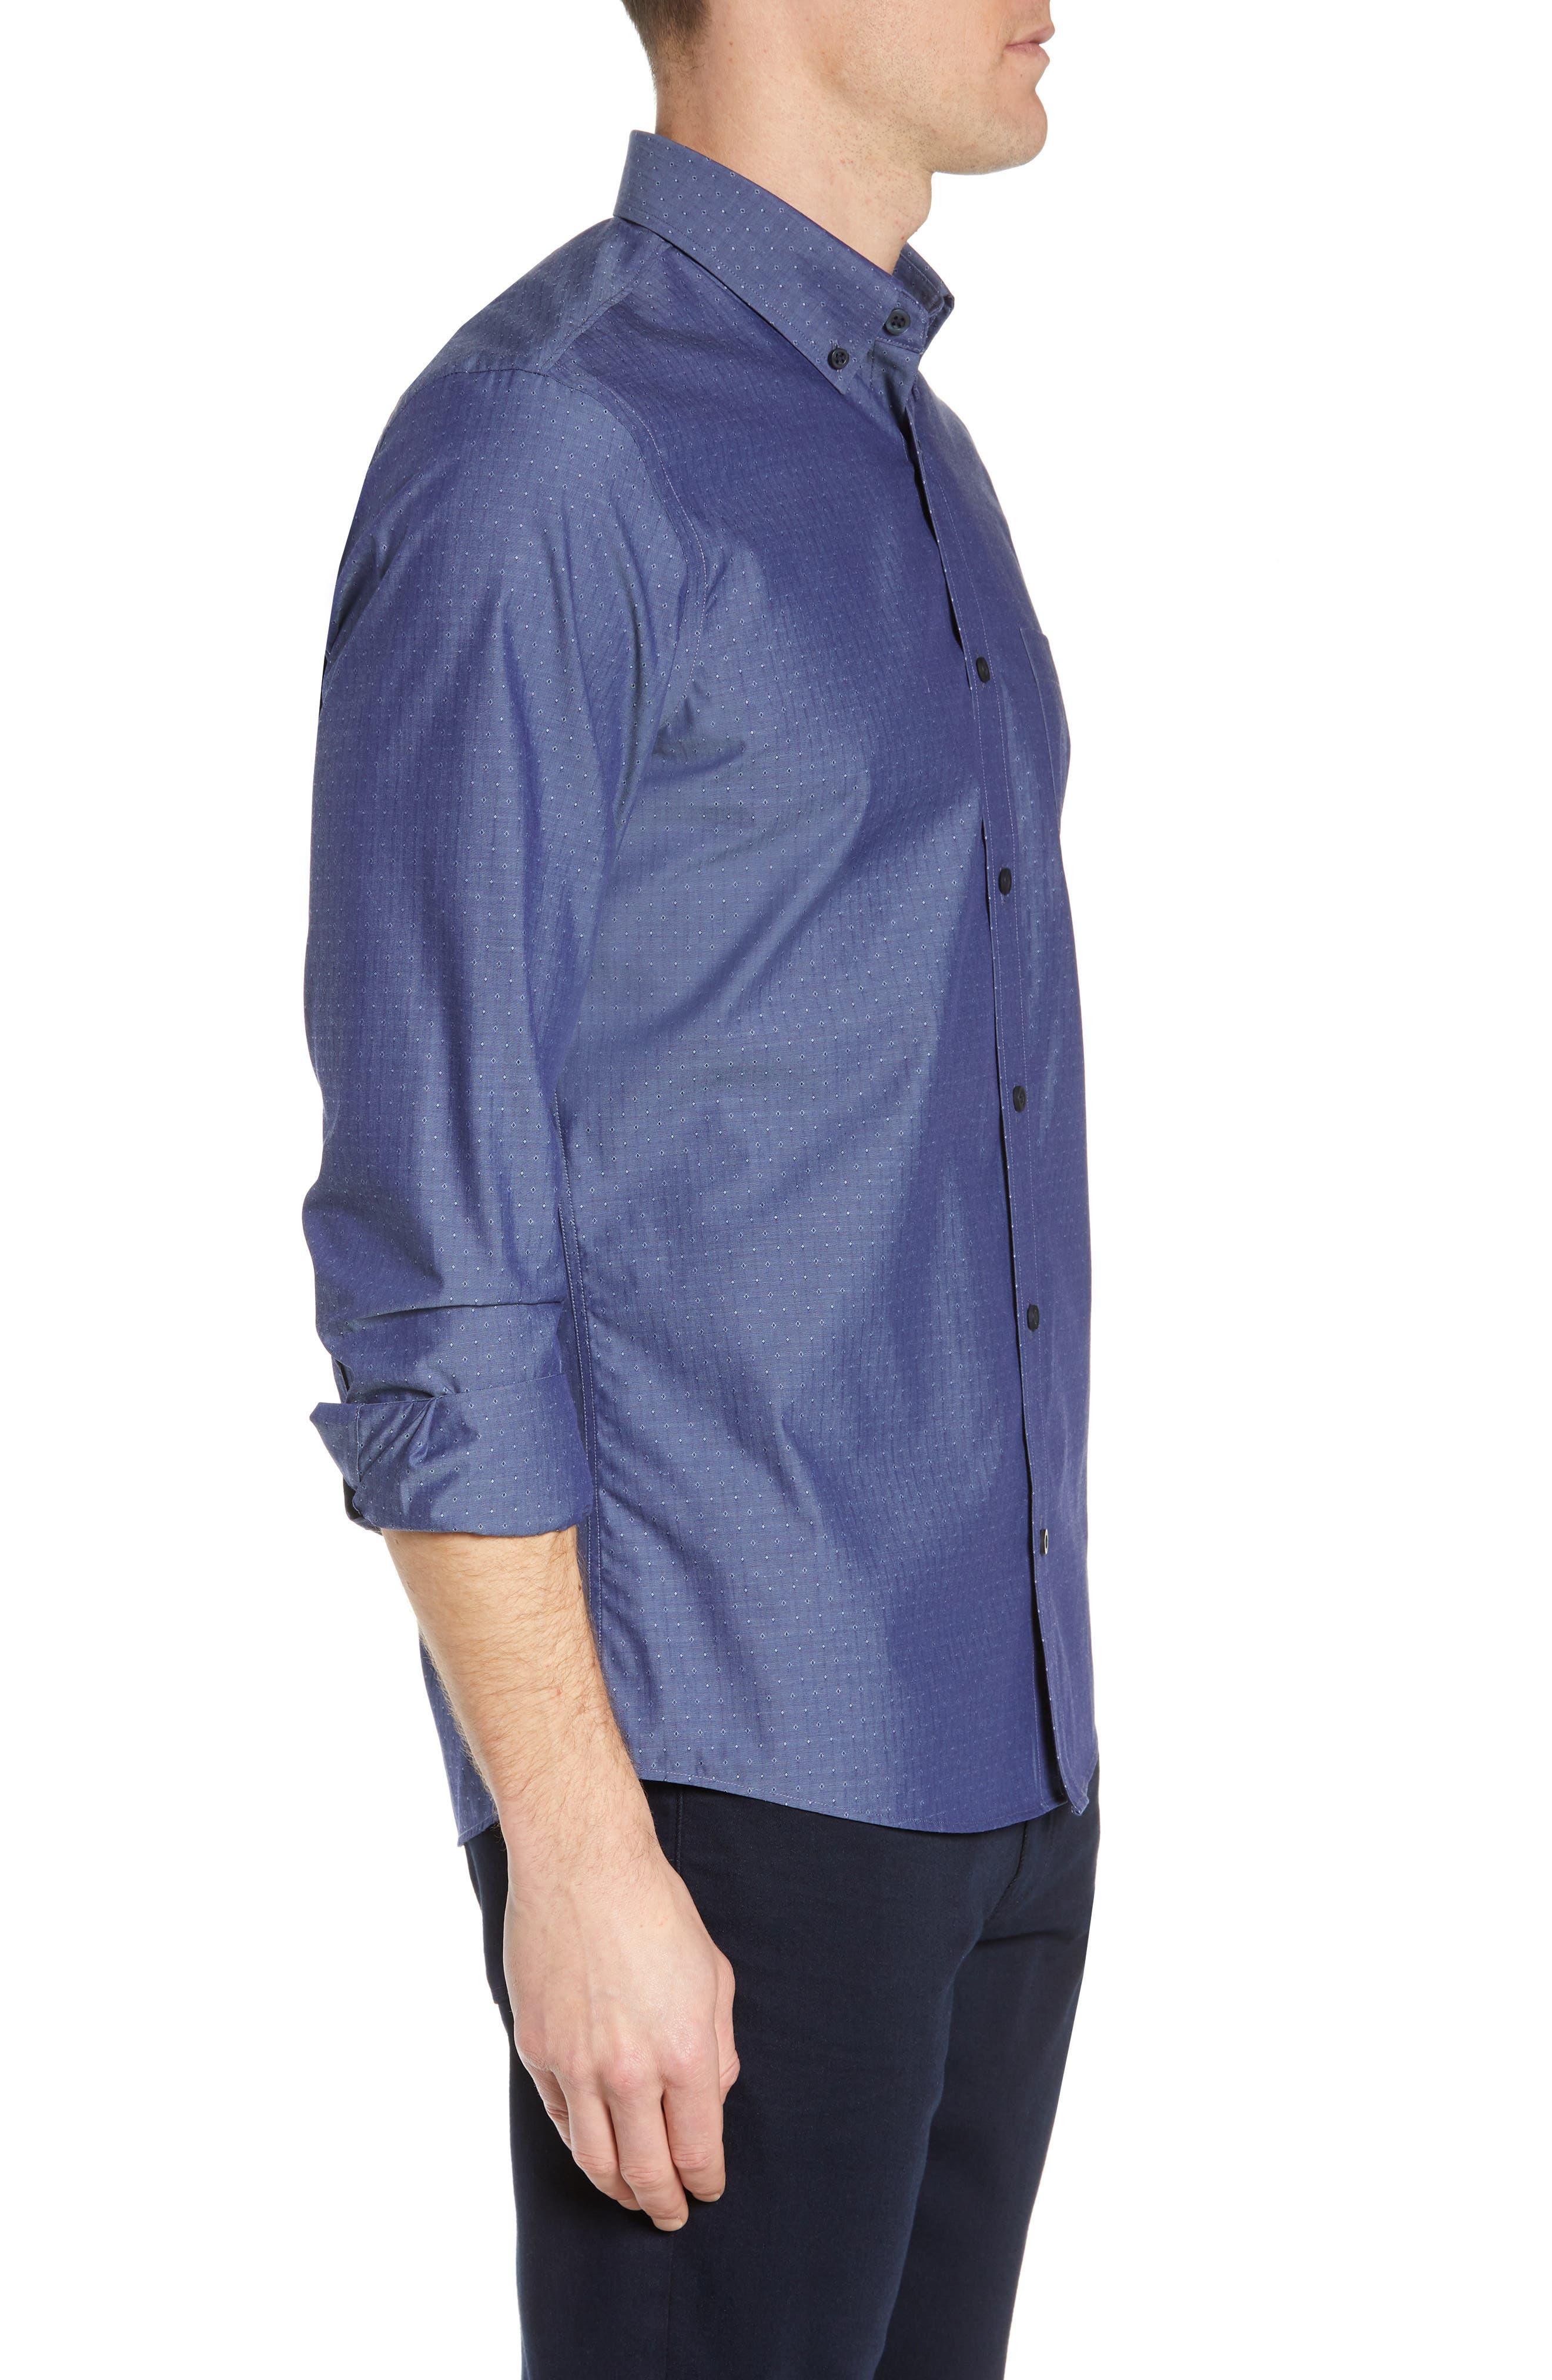 NORDSTROM MEN'S SHOP,                             Regular Fit Non-Iron Dobby Sport Shirt,                             Alternate thumbnail 2, color,                             NAVY PEACOAT DIAMOND DOBBY